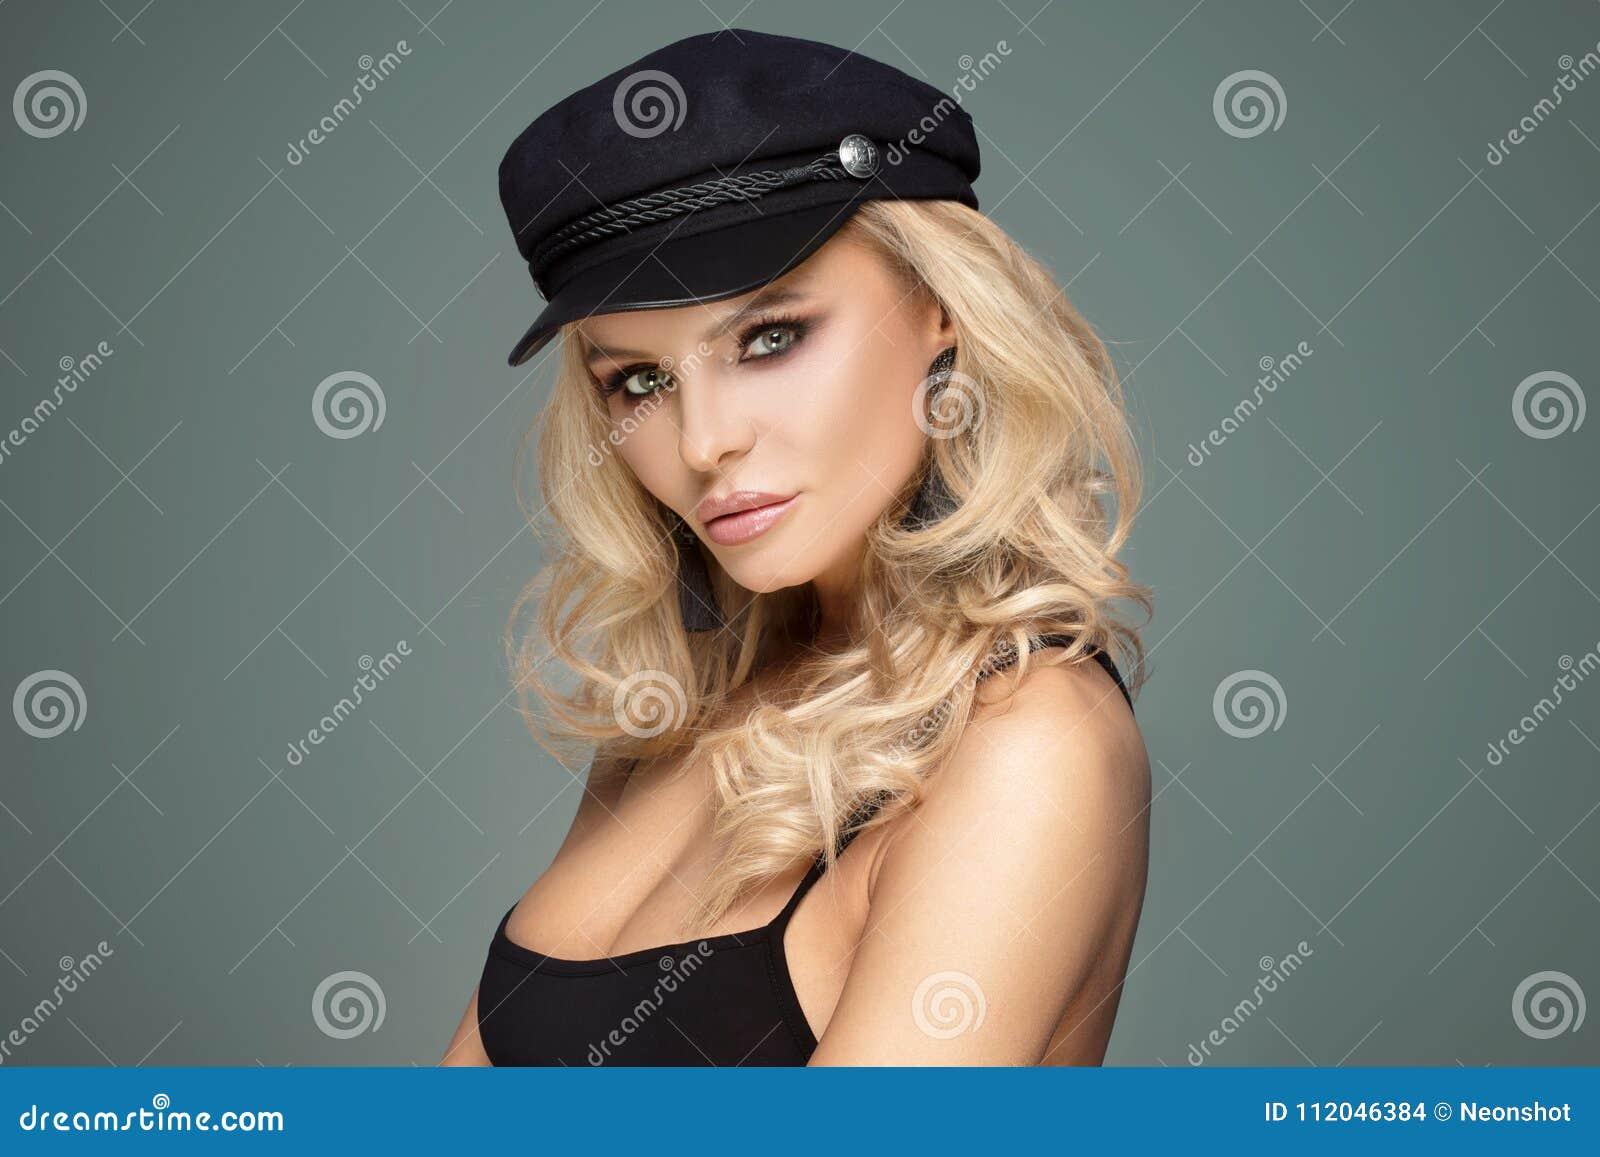 Modelo femenino del estilo francés que presenta en boina negra Mujer  hermosa rubia con maquillaje del encanto y pelo rizado largo 6d4501f7379